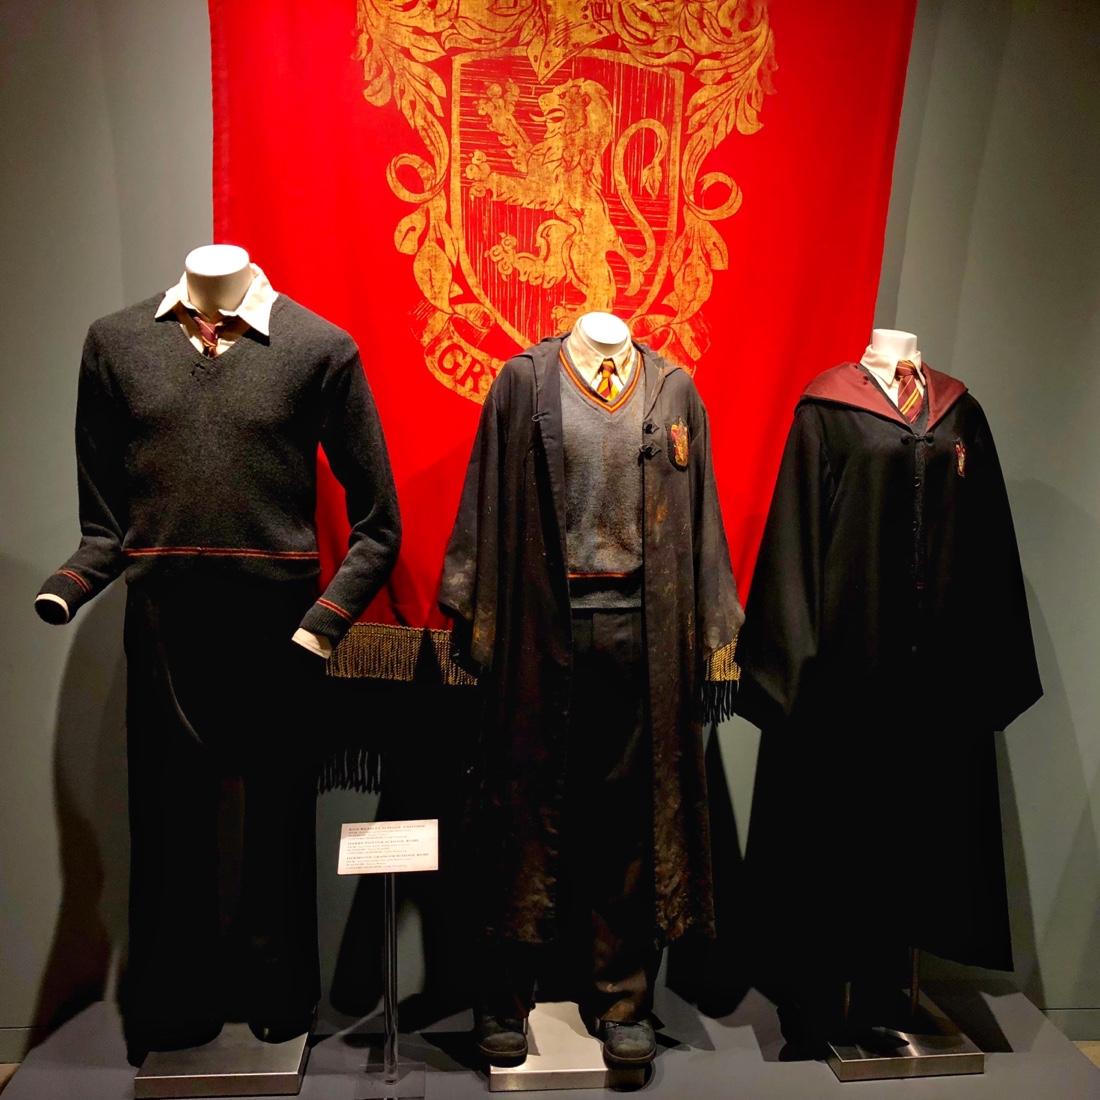 ハリーポッターの衣装